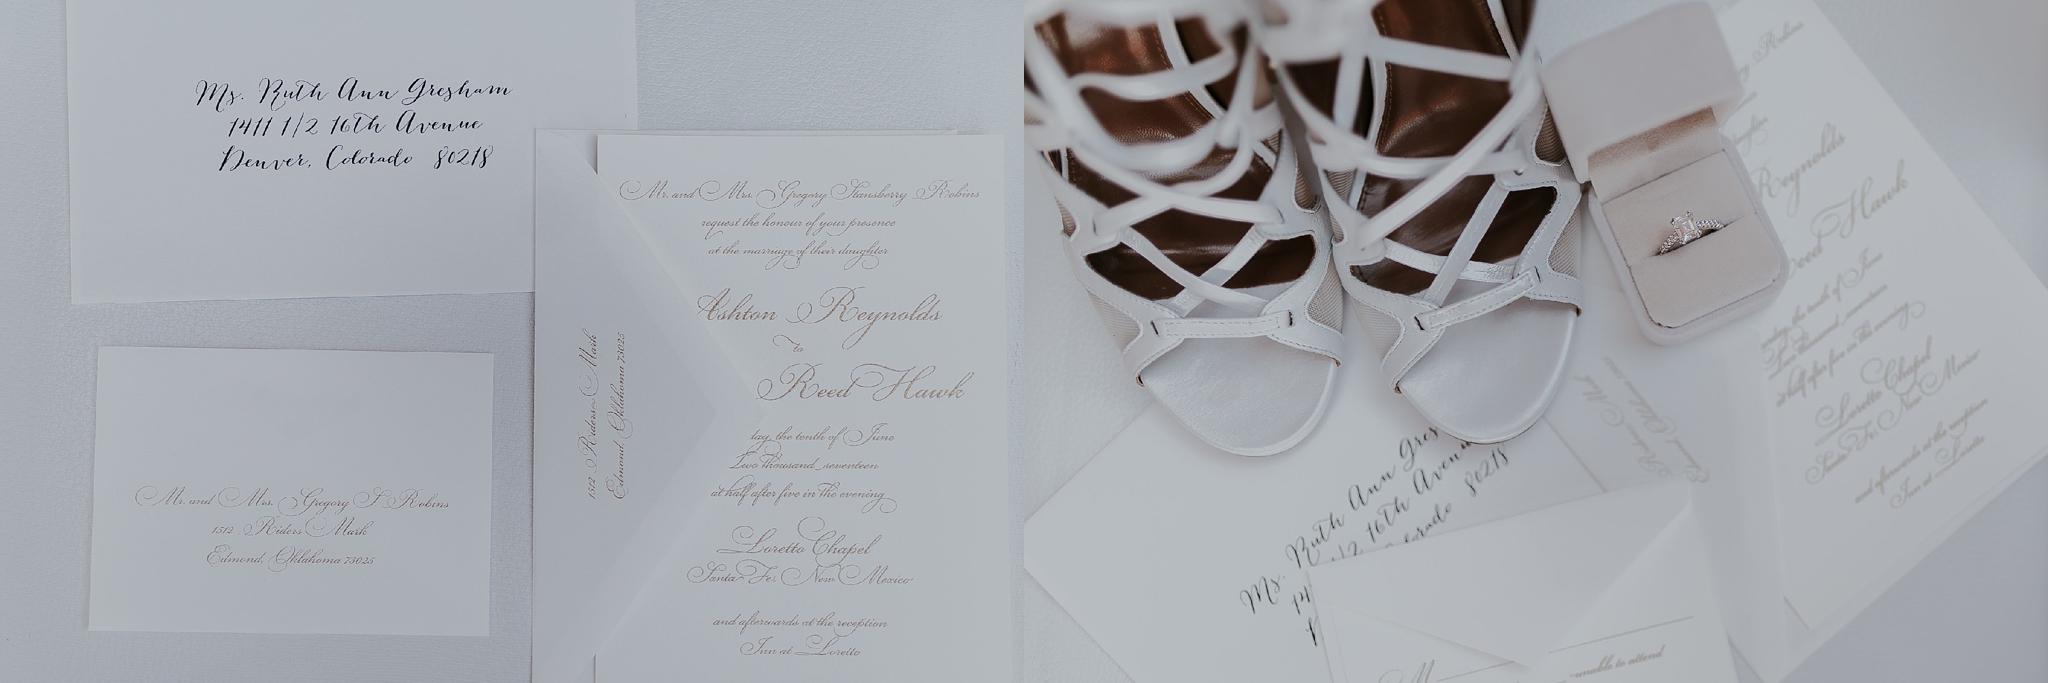 Alicia+lucia+photography+-+albuquerque+wedding+photographer+-+santa+fe+wedding+photography+-+new+mexico+wedding+photographer+-+new+mexico+wedding+-+wedding+invitations+-+invitation+suite+-+wedding+inspo_0066.jpg